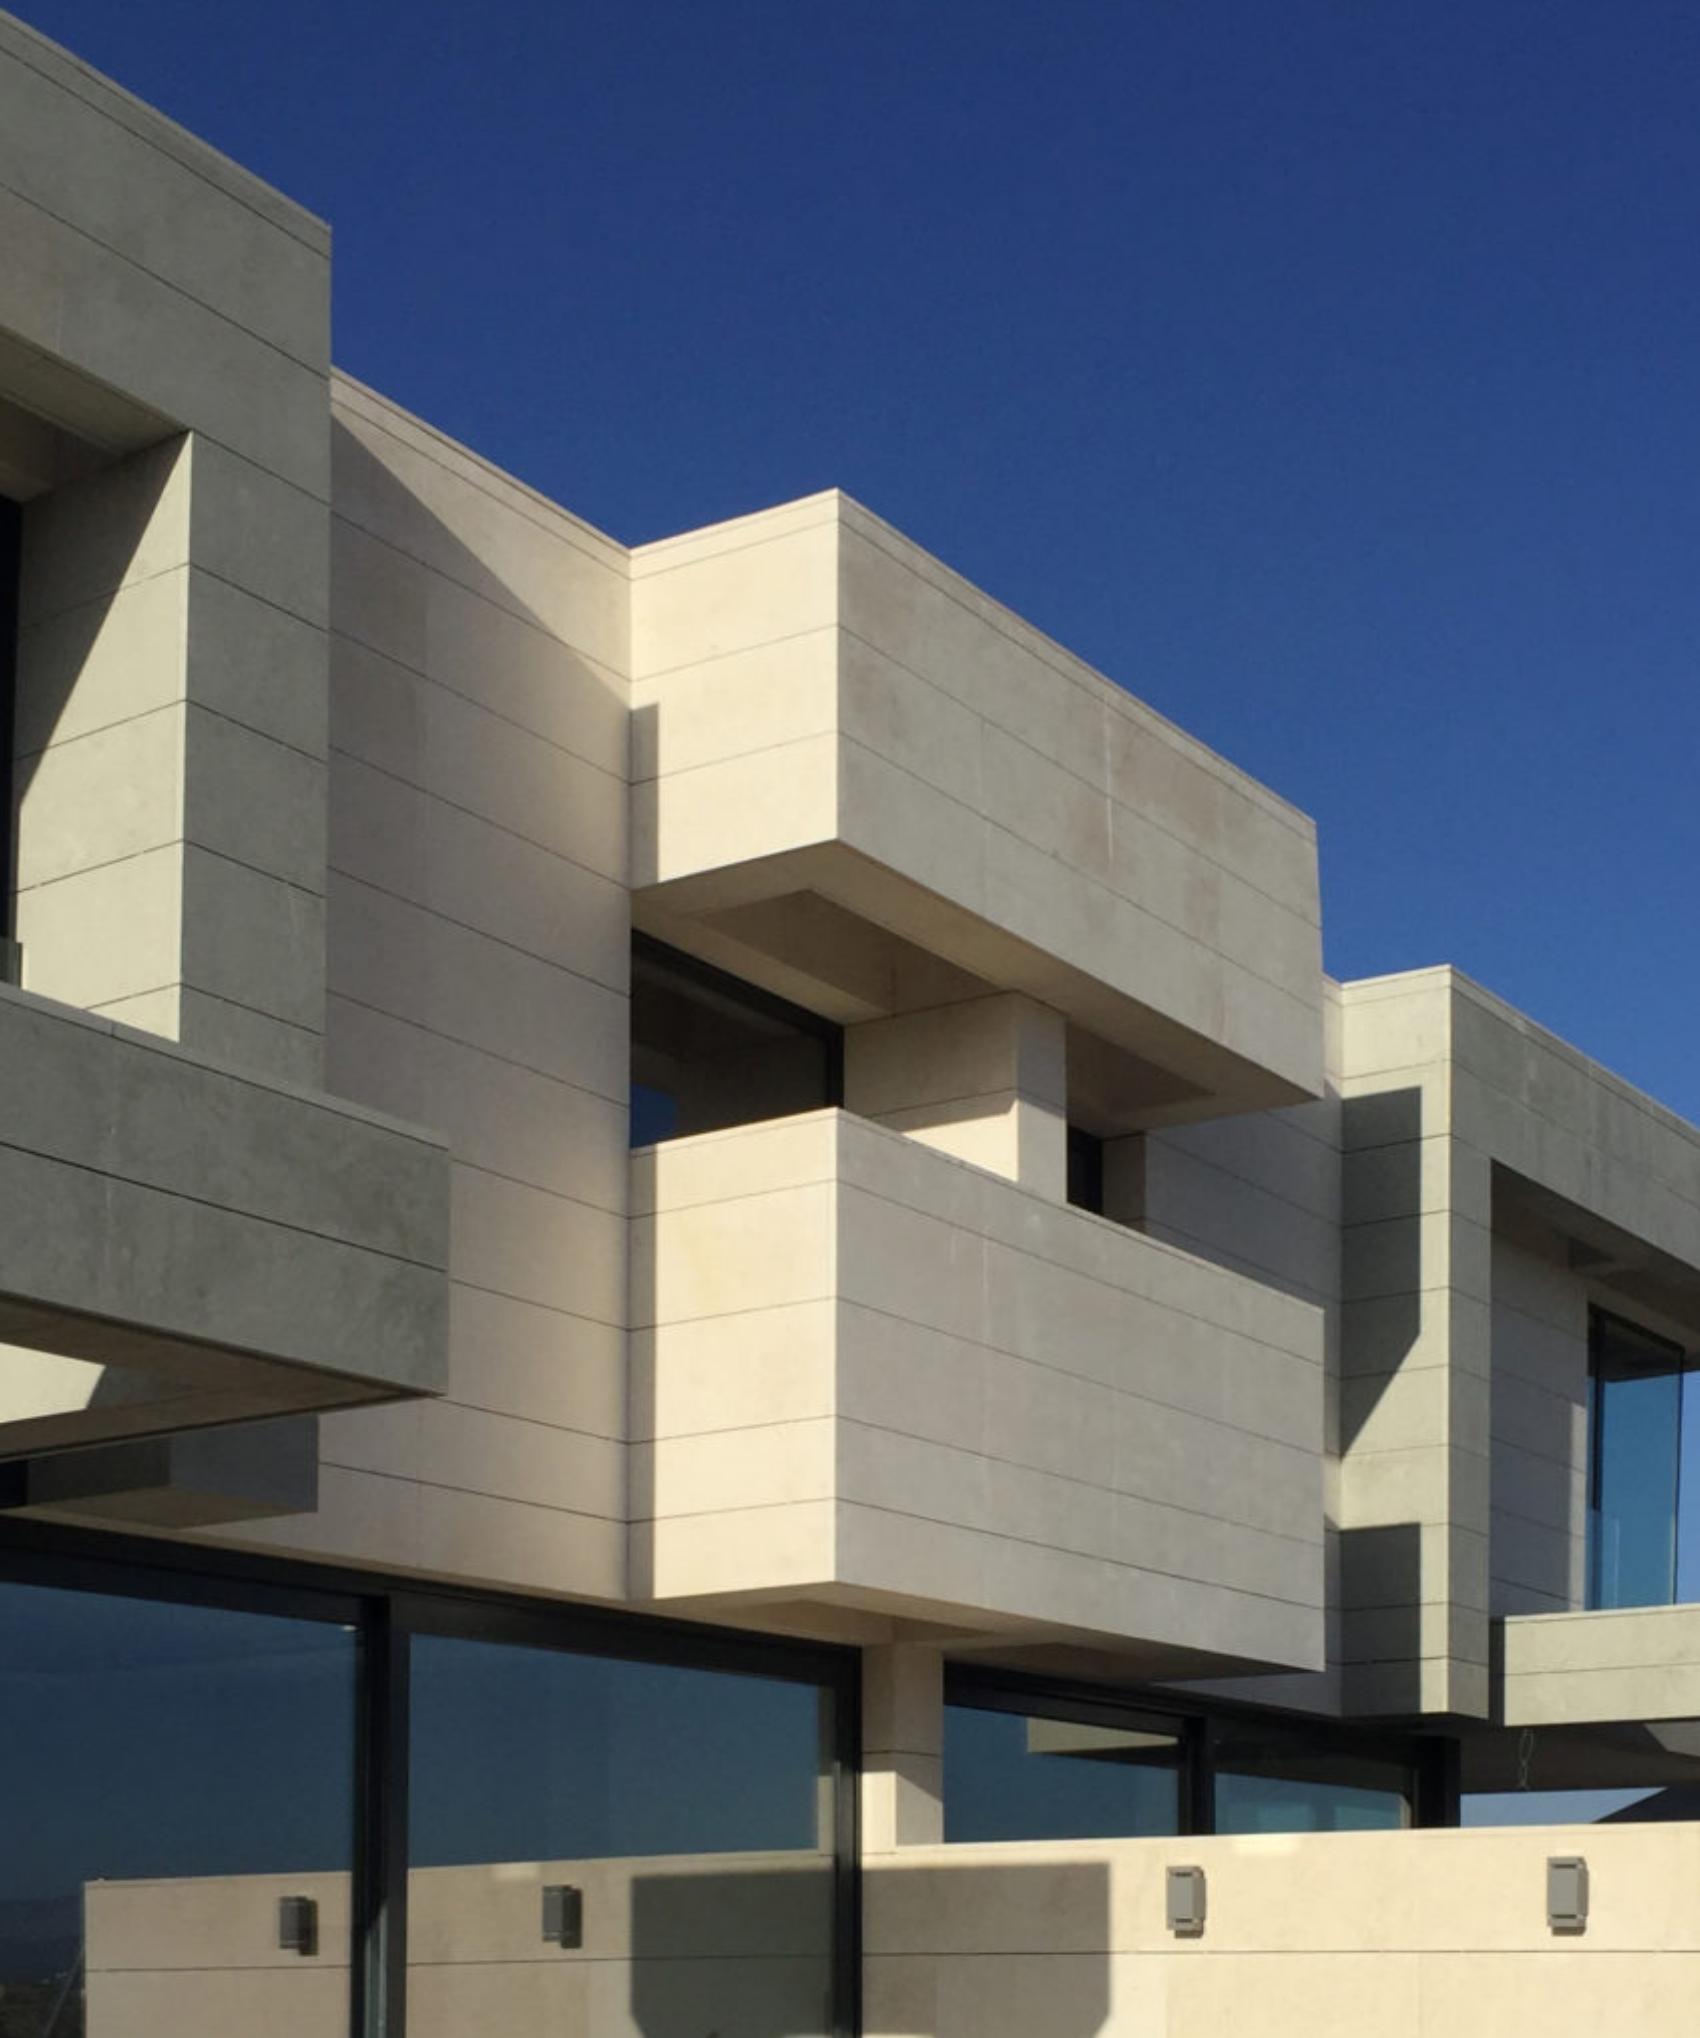 Proyecto del estudio de arquitectura FH2L Arquitectos de dos viviendas unifamiliares pareadas en Roza Martín, Majadahonda, Madrid.